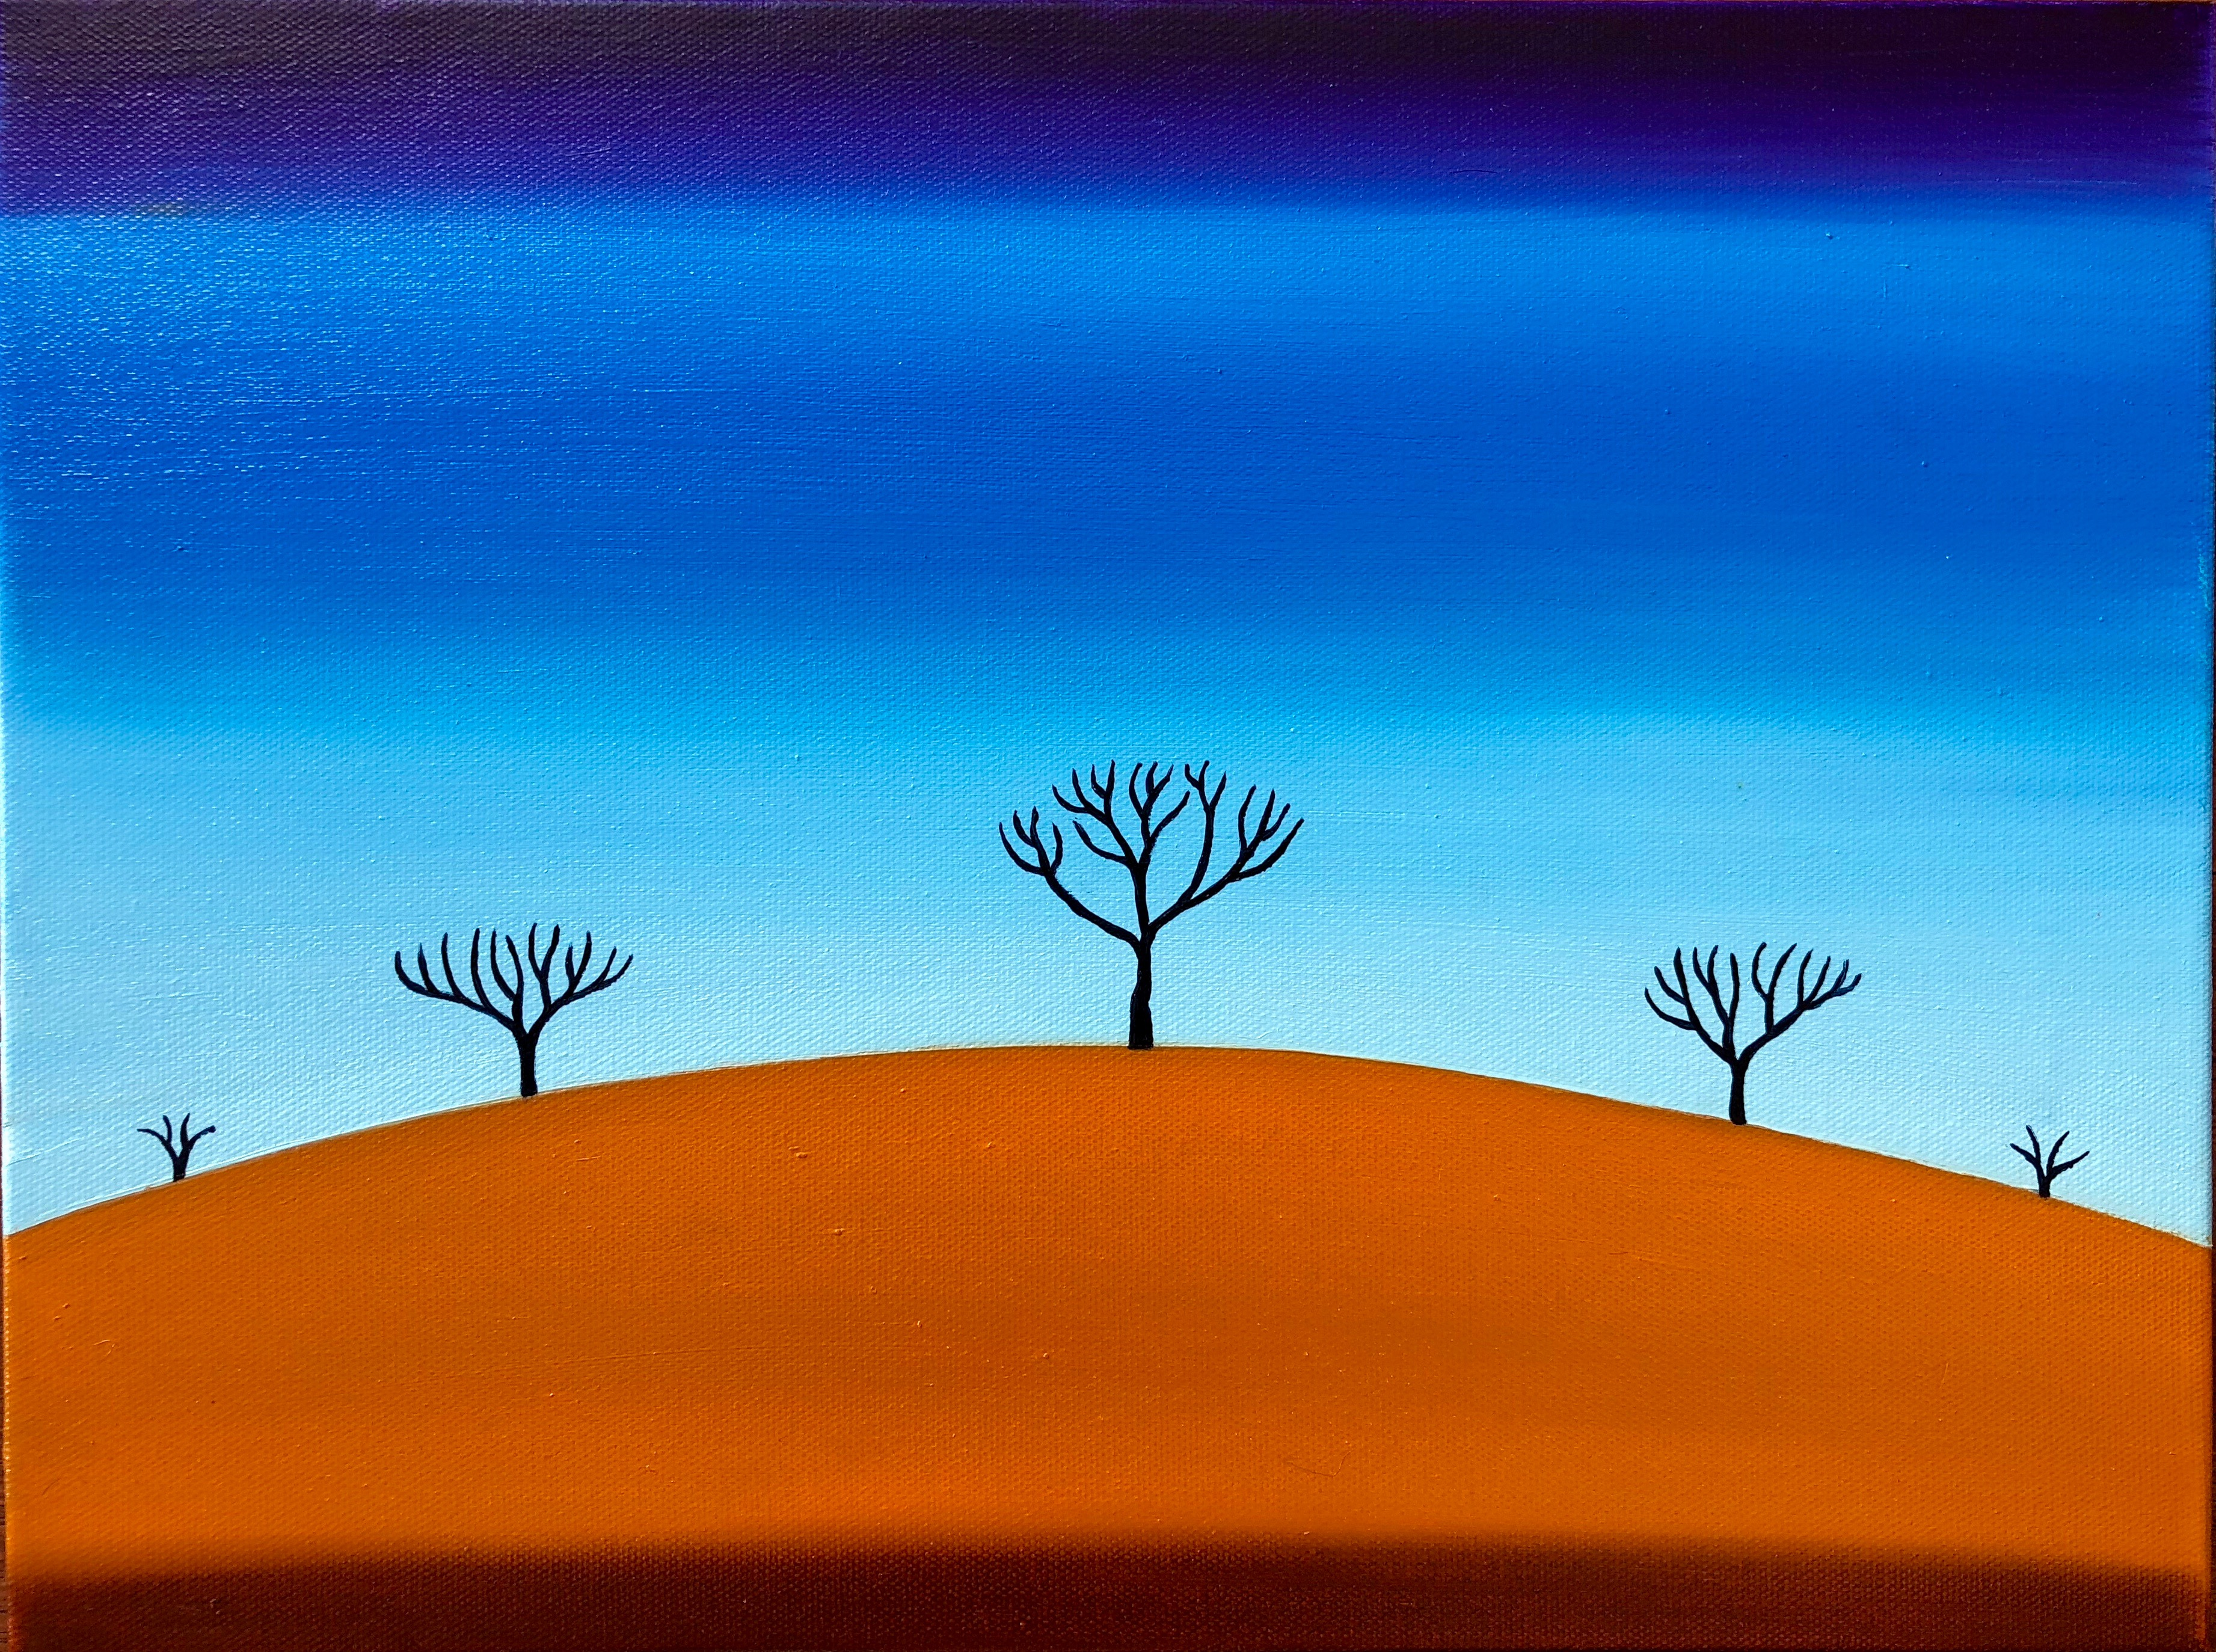 Sienna Hill-45 x 35 cm